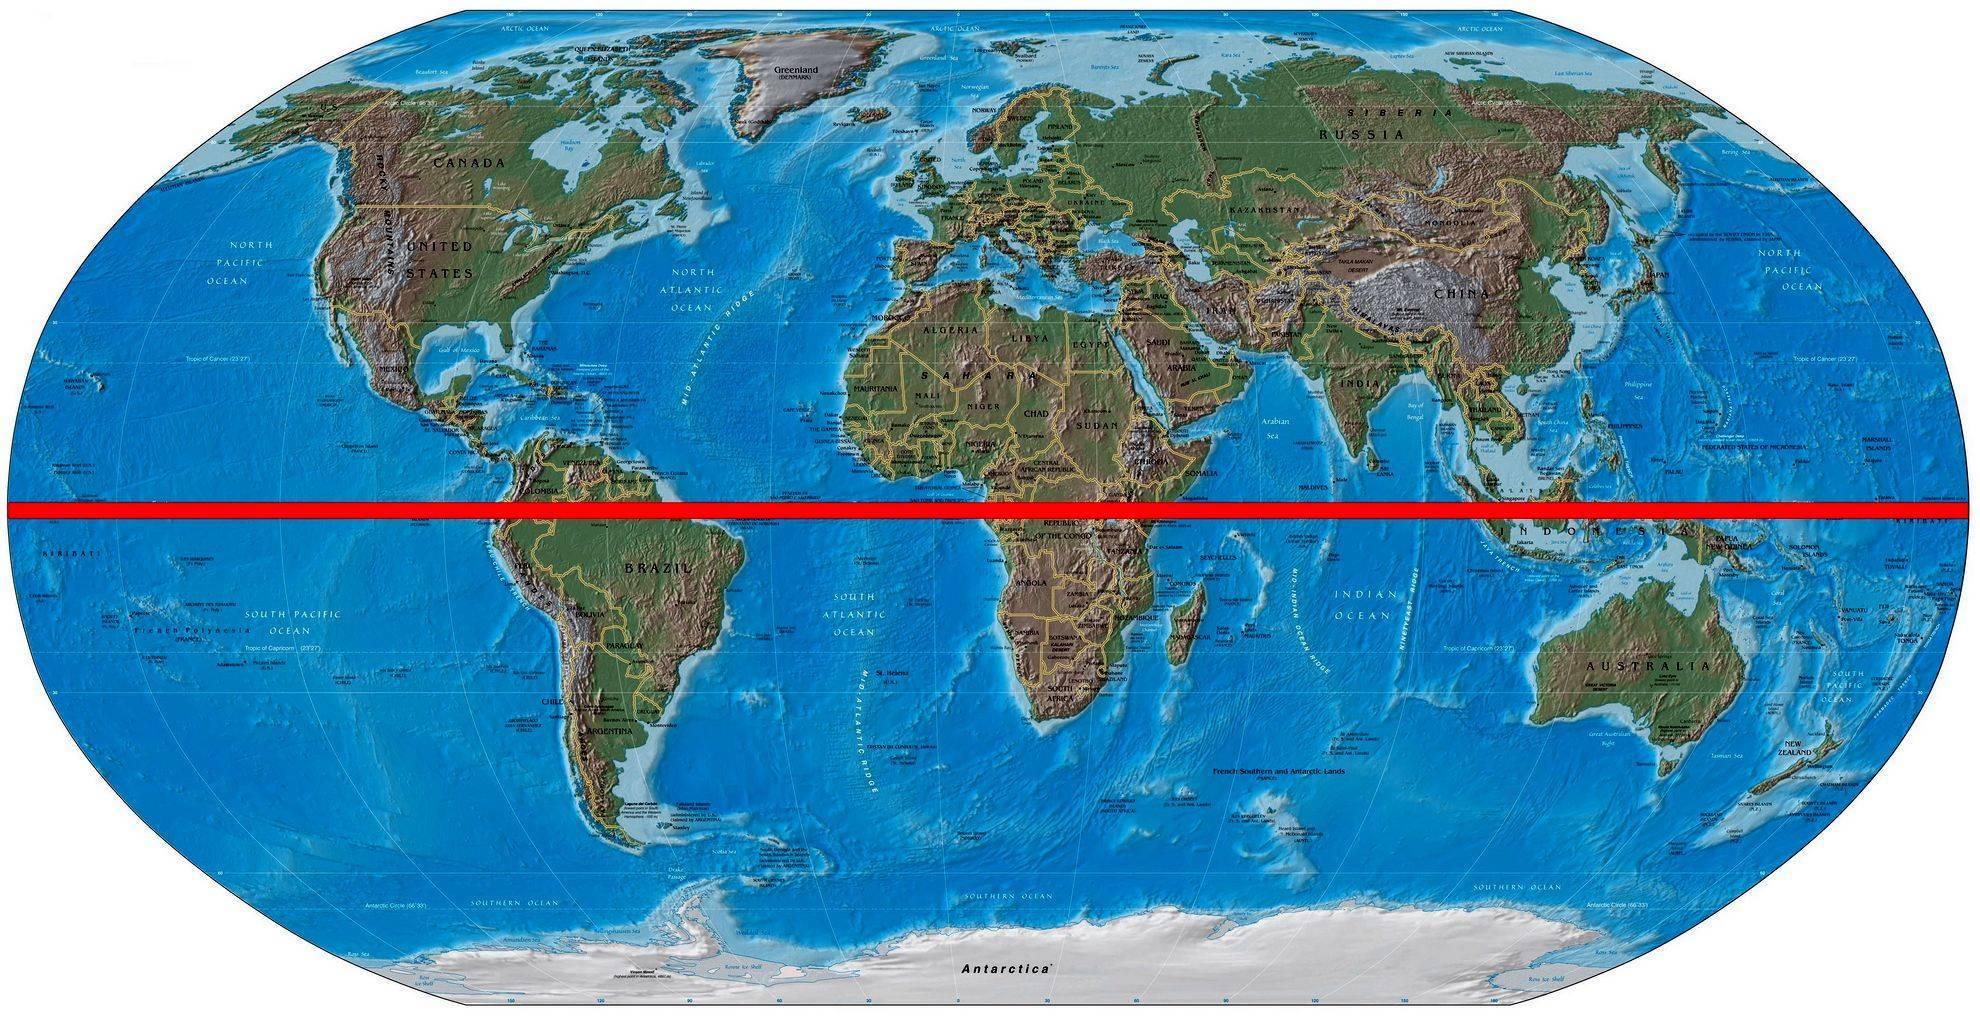 Сколько длина экватора земли в километрах